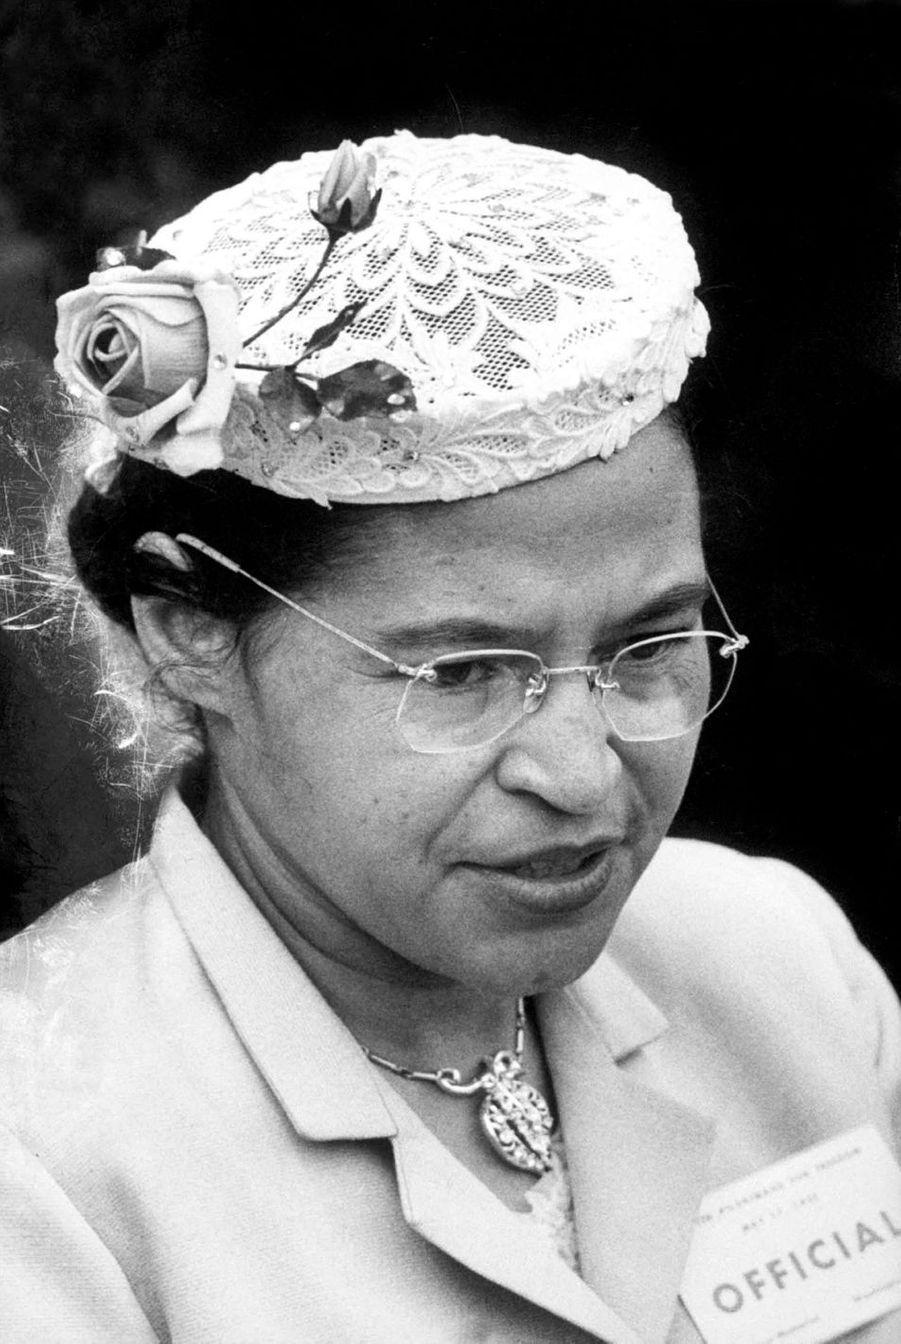 Par son courage, Rosa Parks (1913-2005) devint le symbole de la lutte contre la ségrégation raciale aux États-Unis